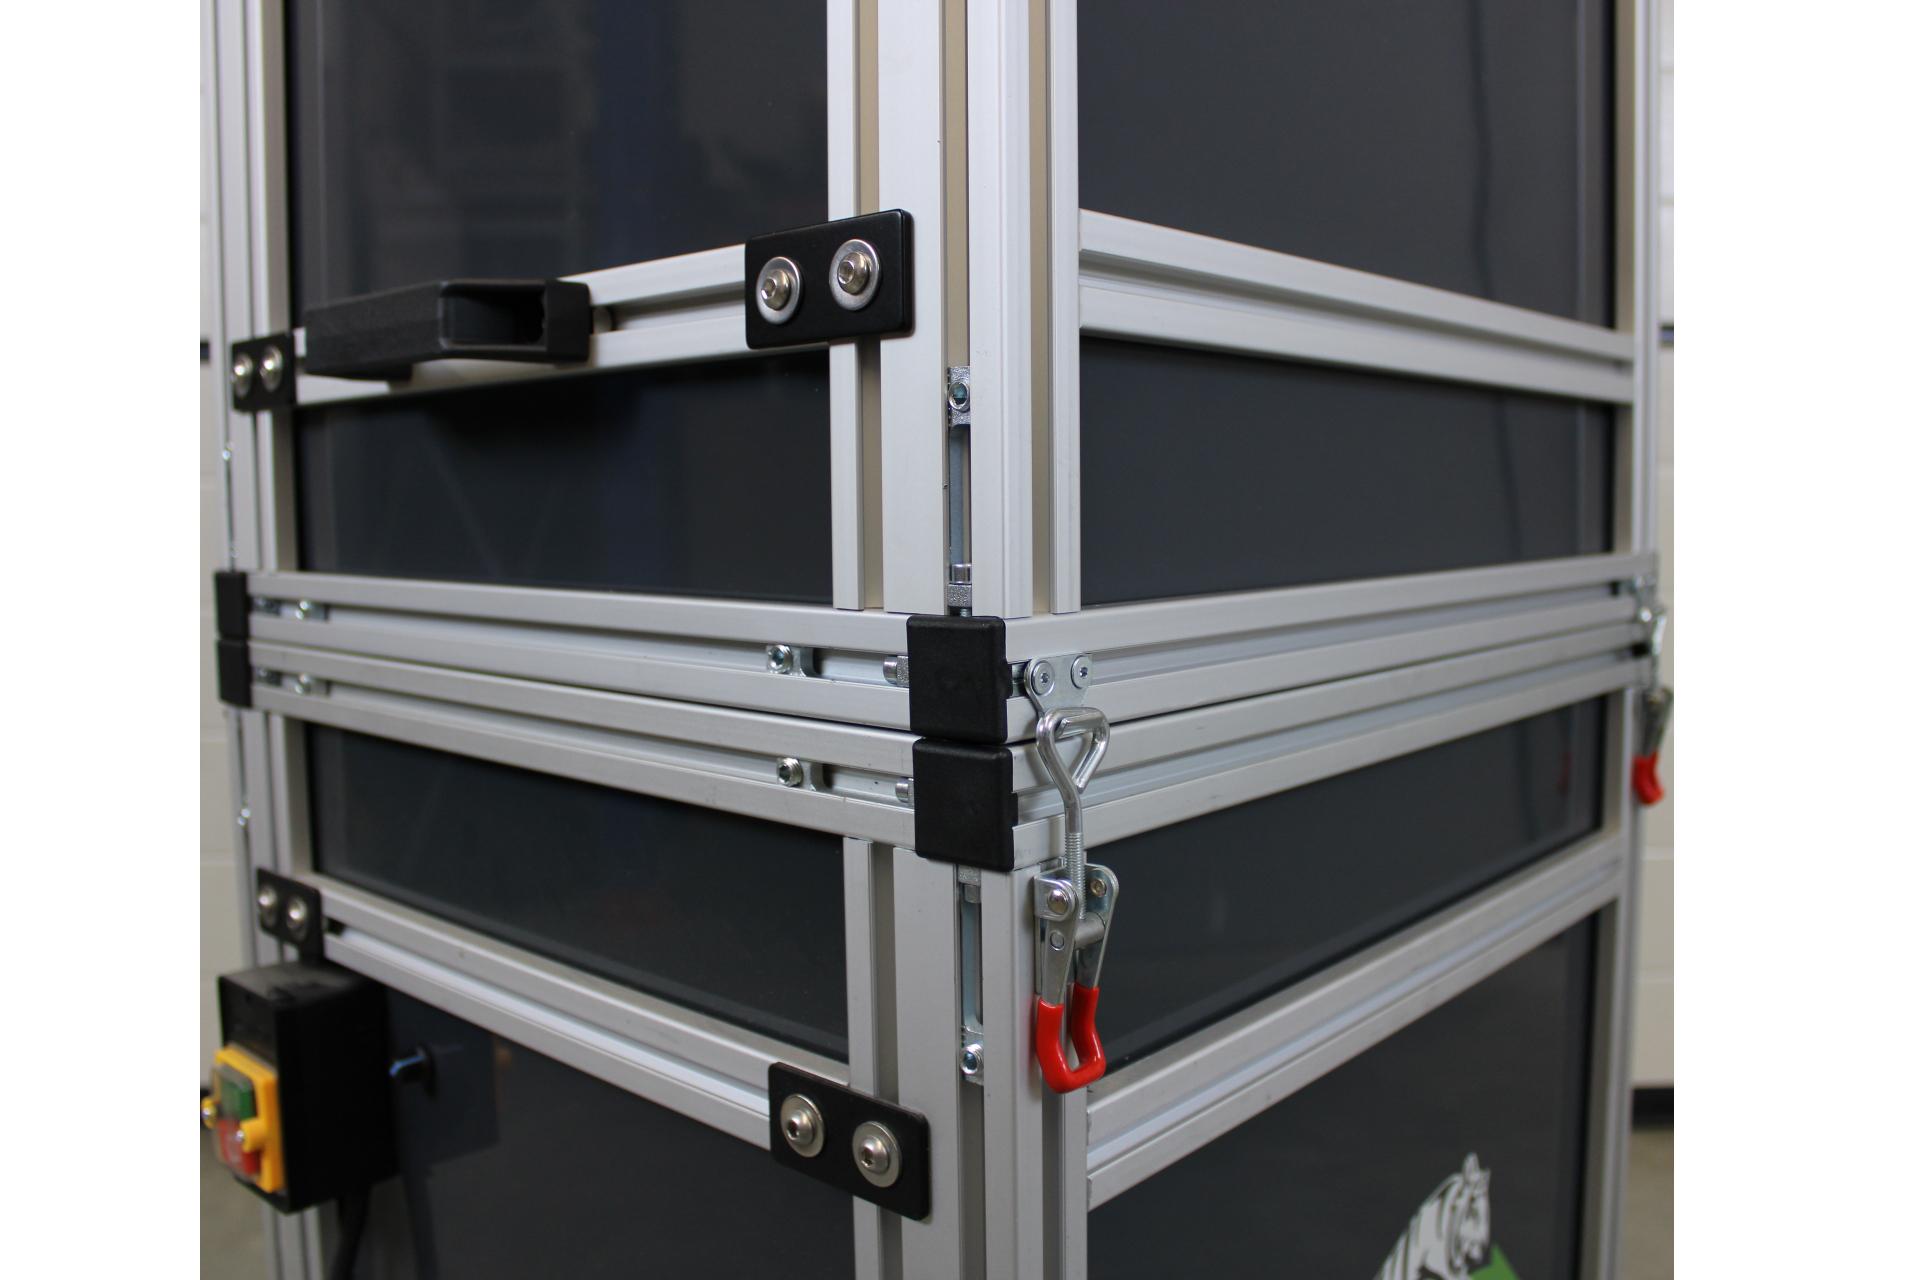 Installation des Vorfilter-Modules